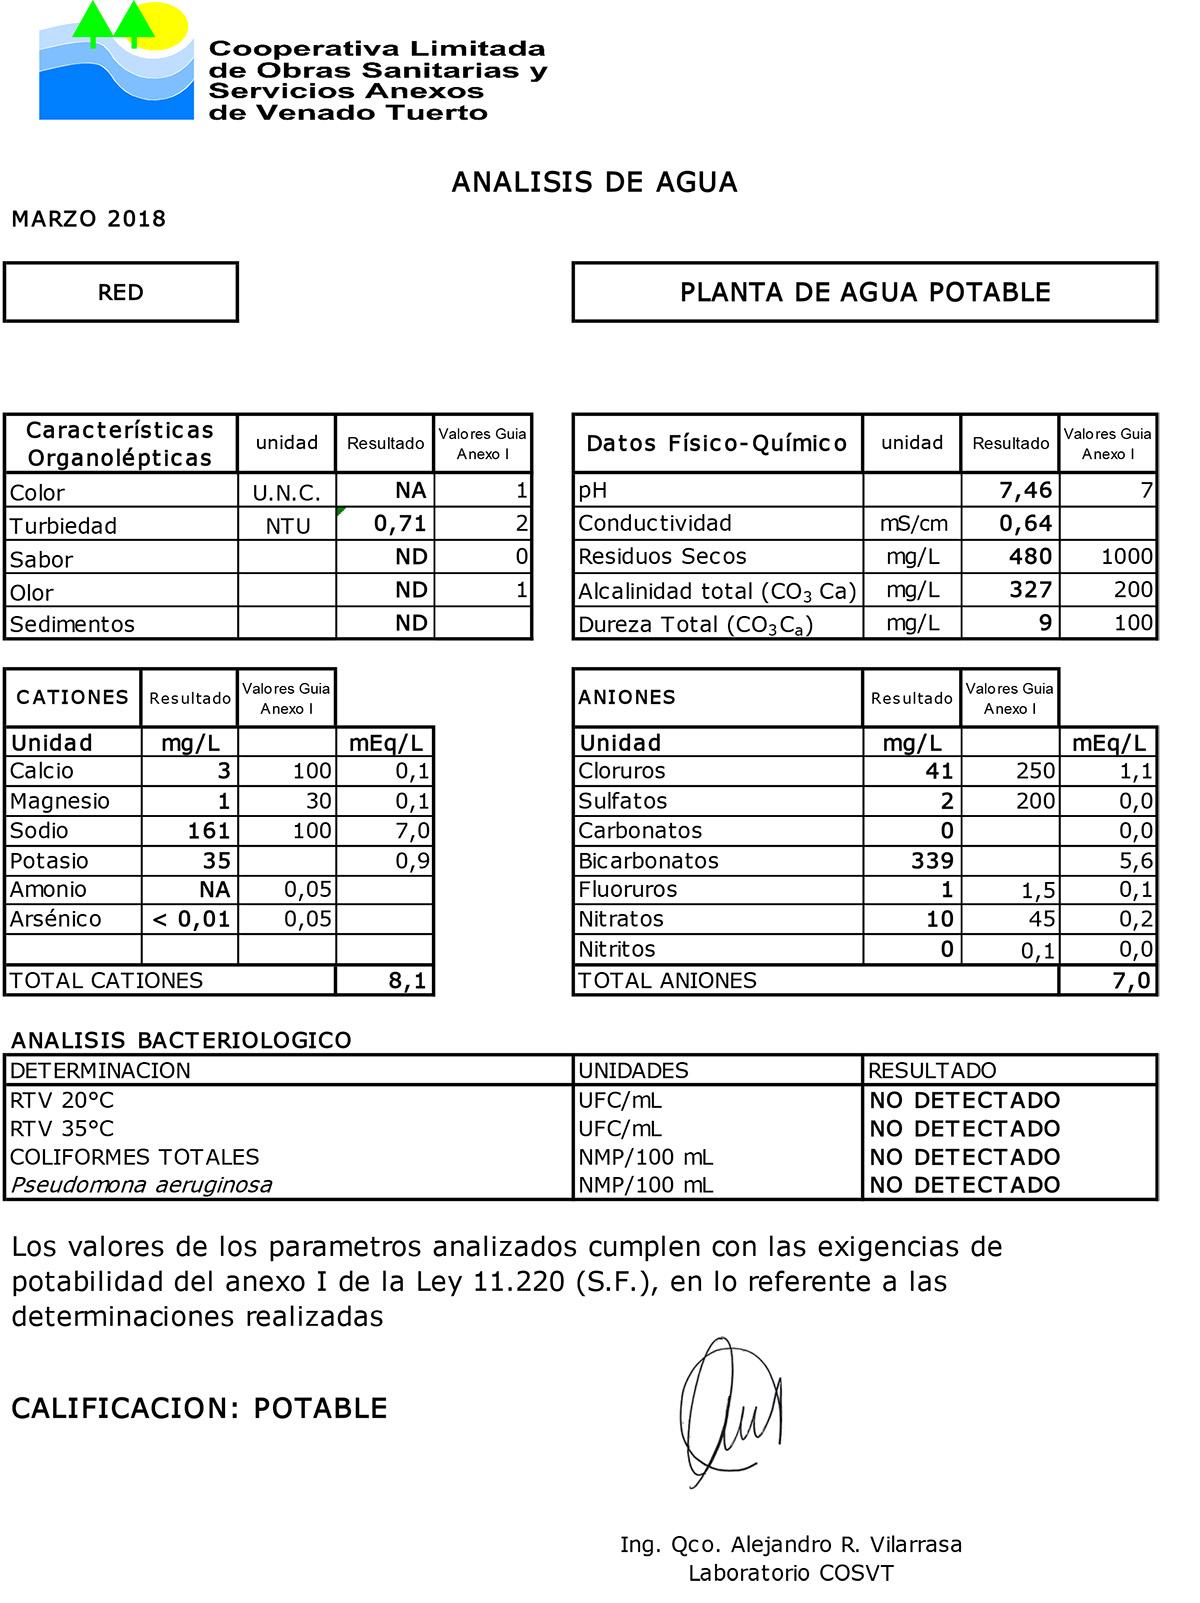 AGUA PRODUCTO MAR 18 (1)